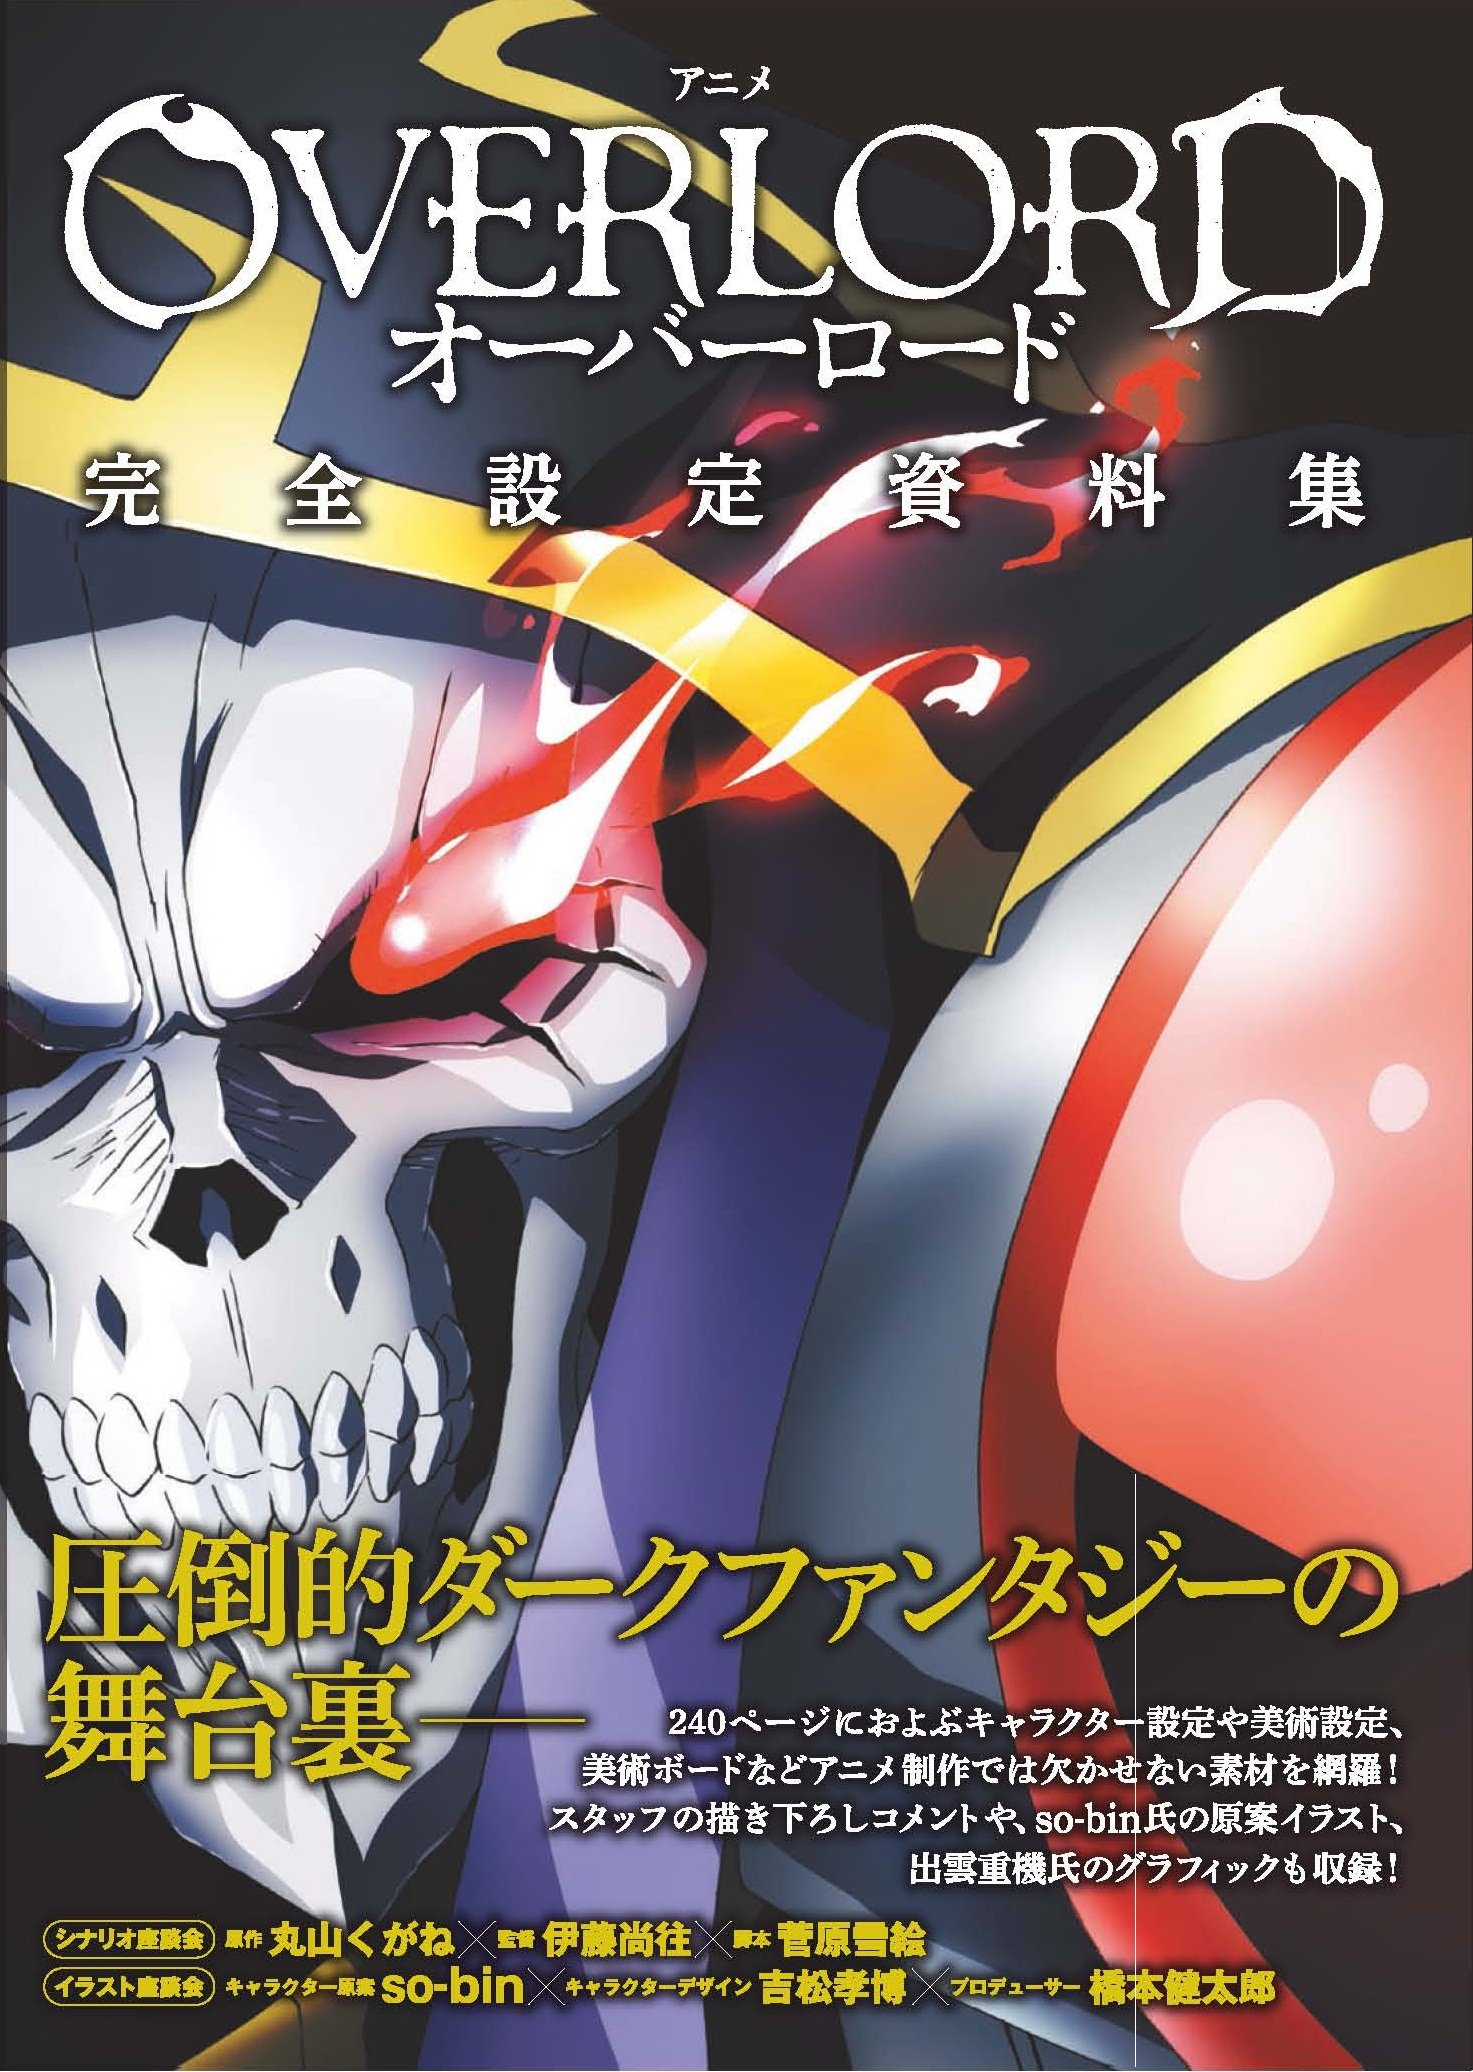 アニメ オーバーロード 完全設定資料集 ホビー書籍編集部 本 通販 Amazon